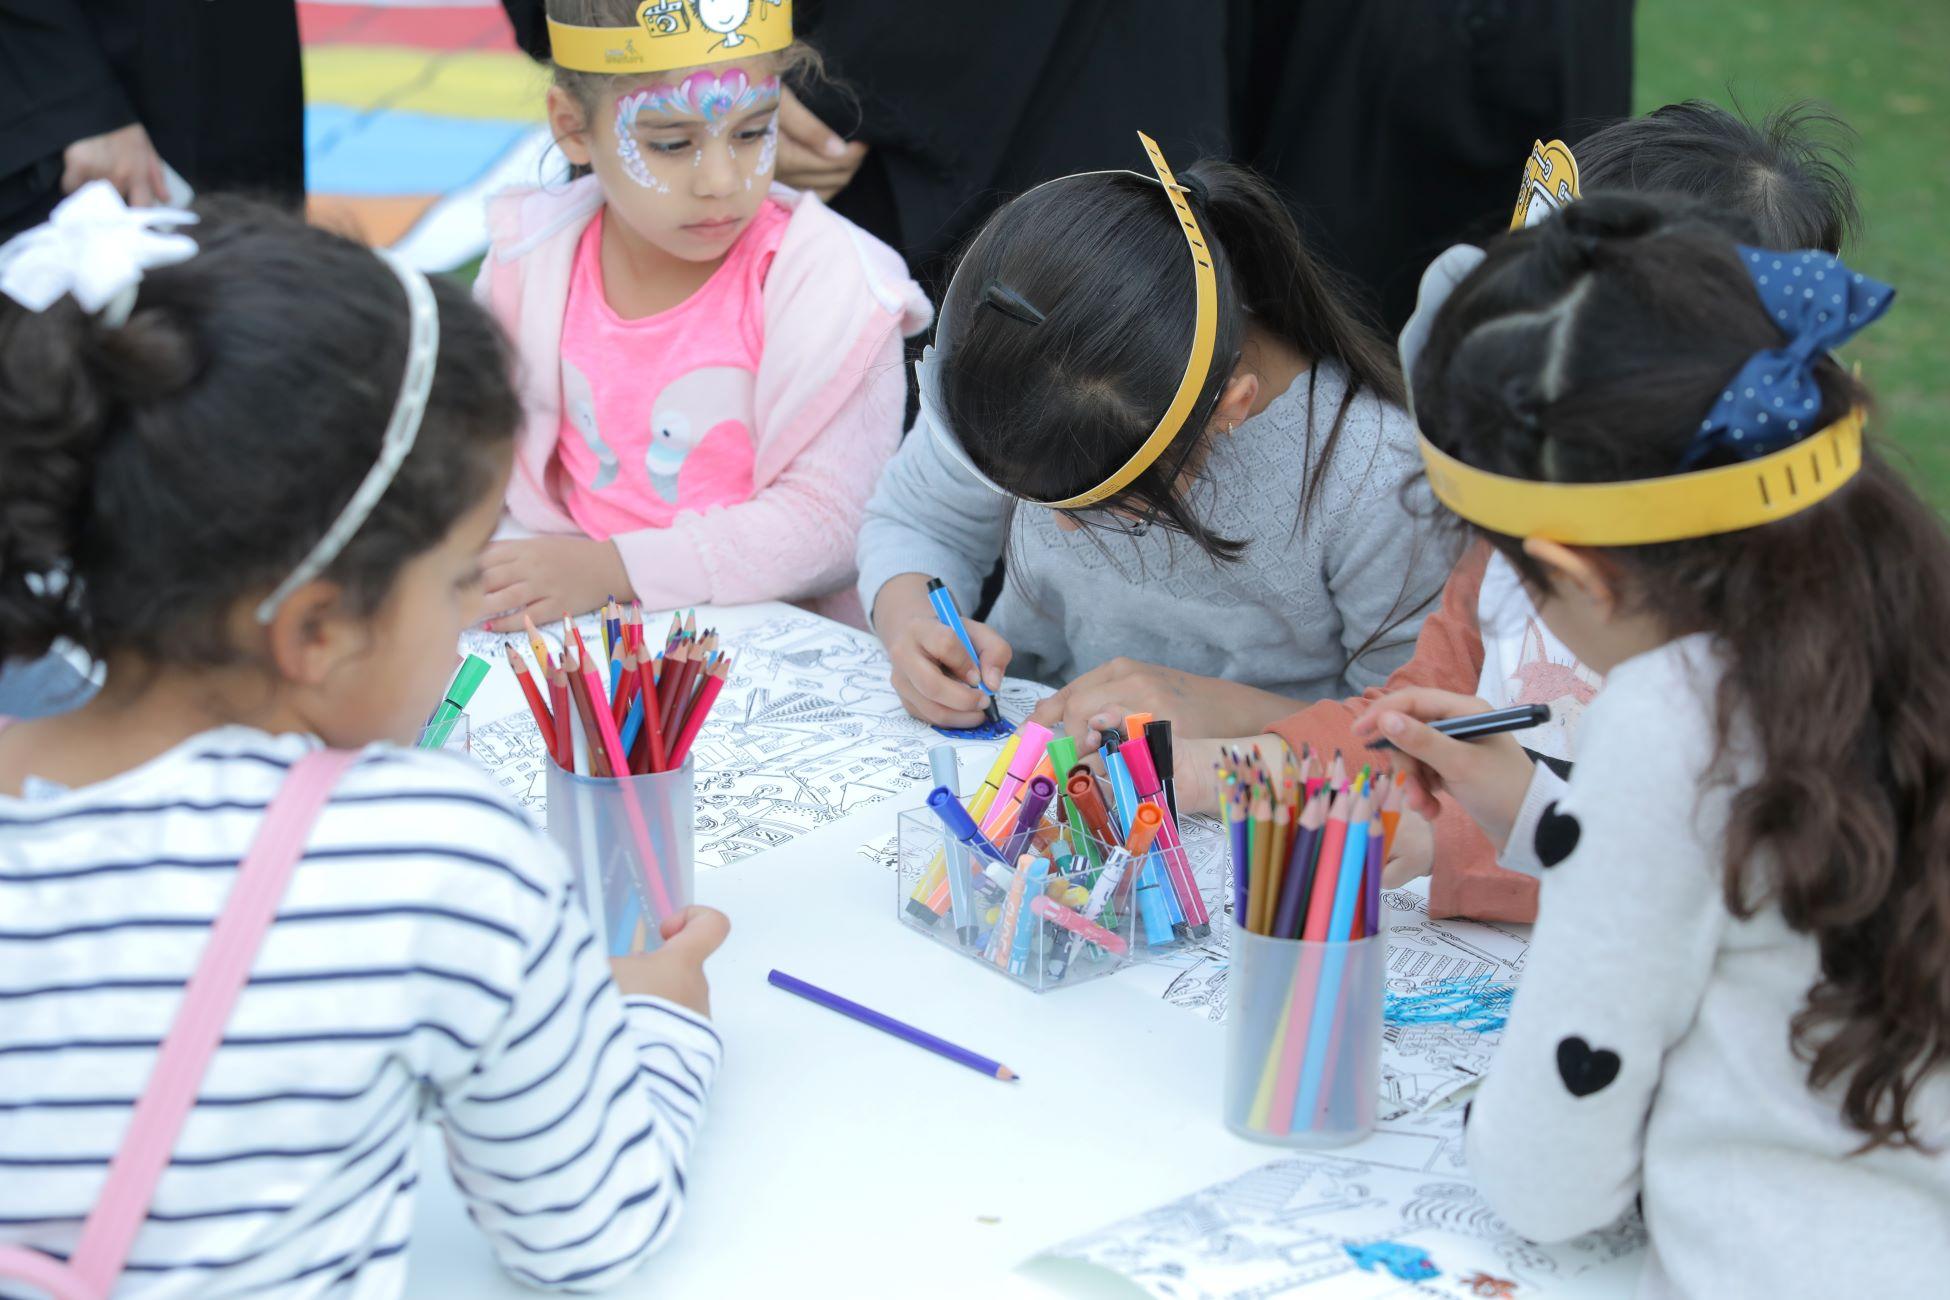 فعاليات الدورة السادسة من بينالي الشارقة للأطفال 2019 Thursday Fun Day